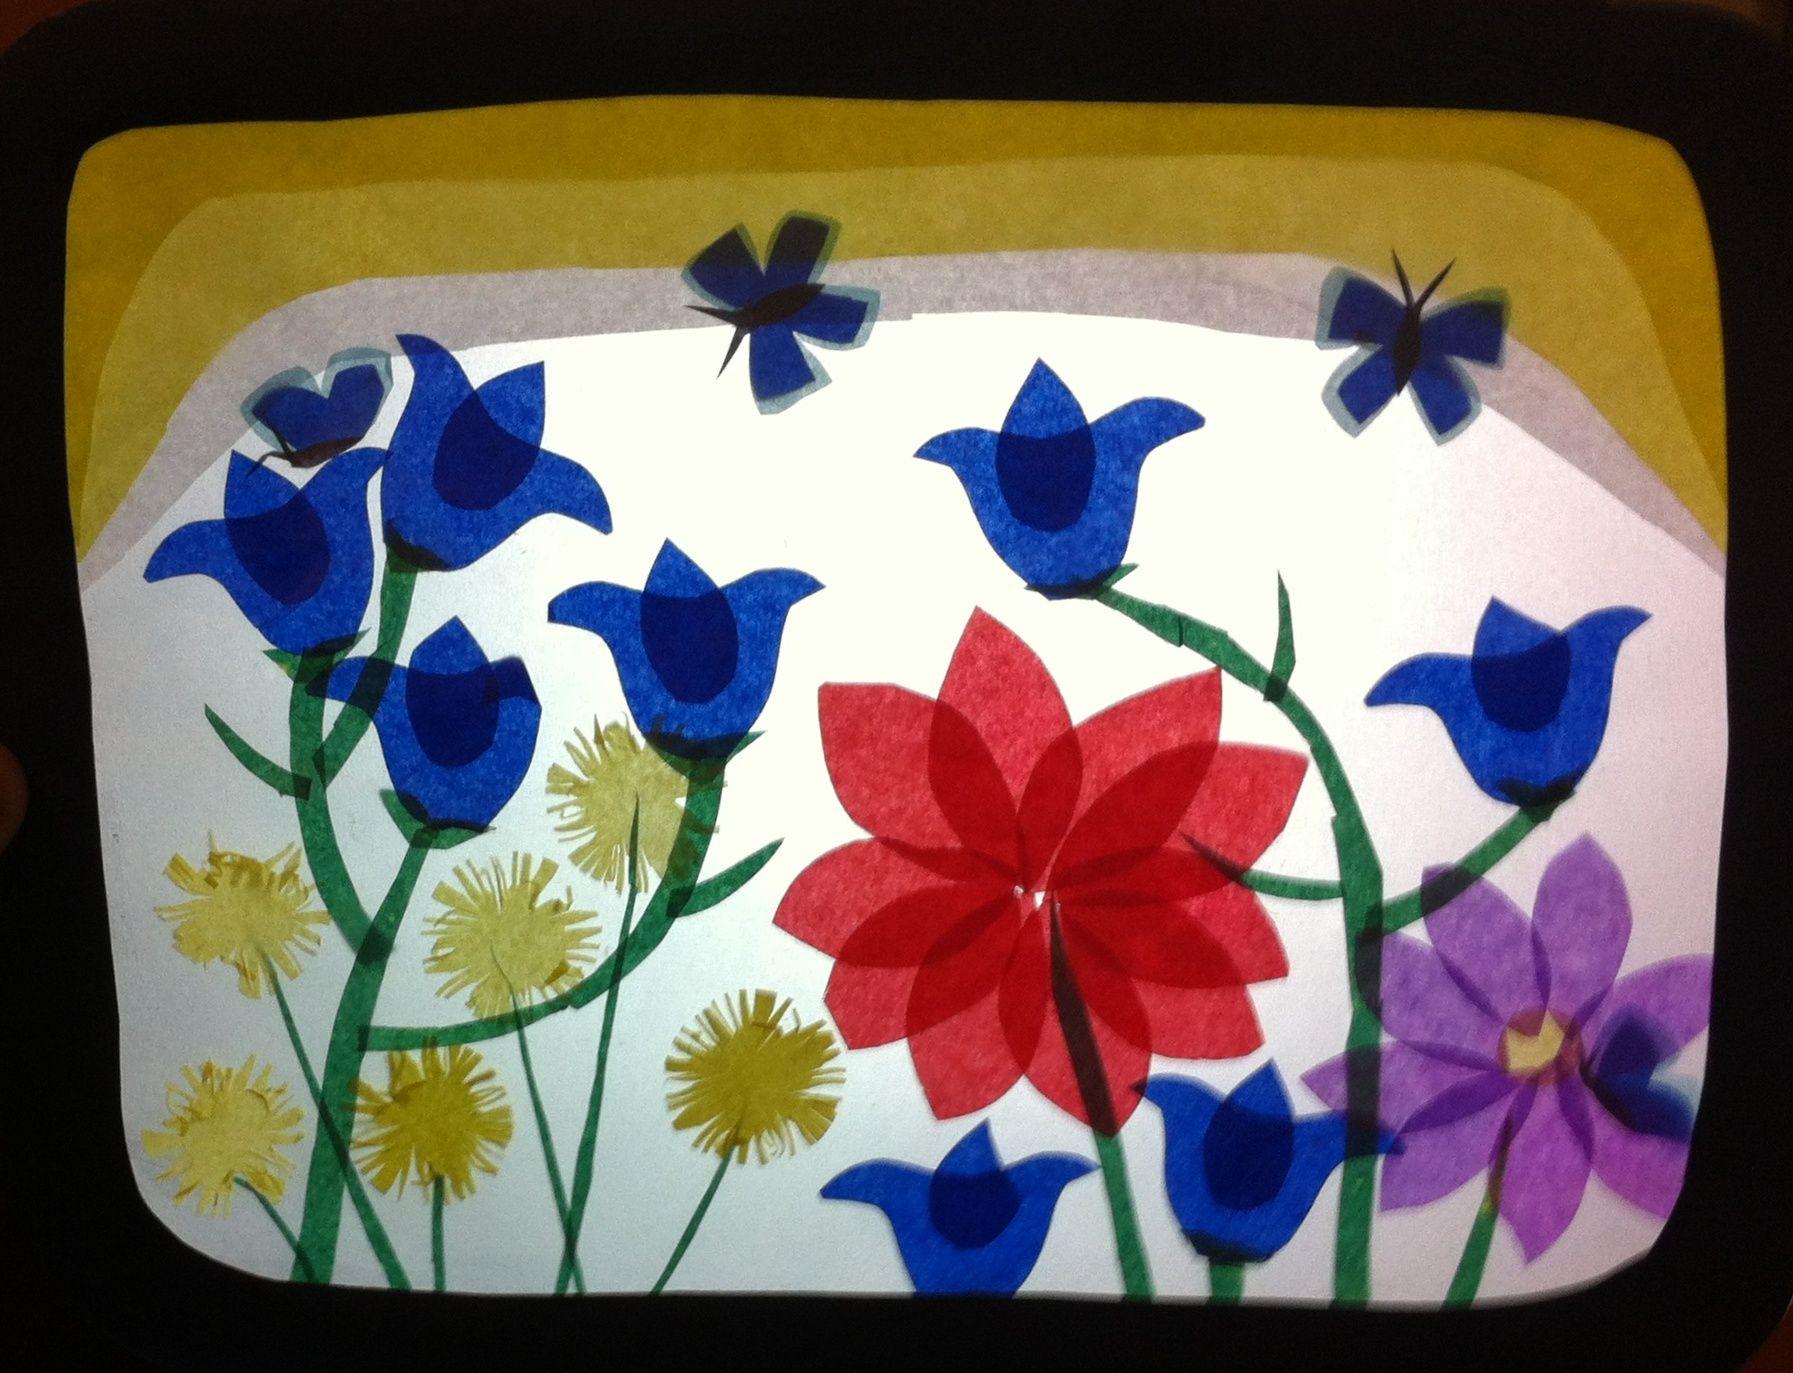 Primavera transpar ncia papier pinterest fensterbilder transparentpapier und silhouetten - Fensterbilder transparentpapier ...